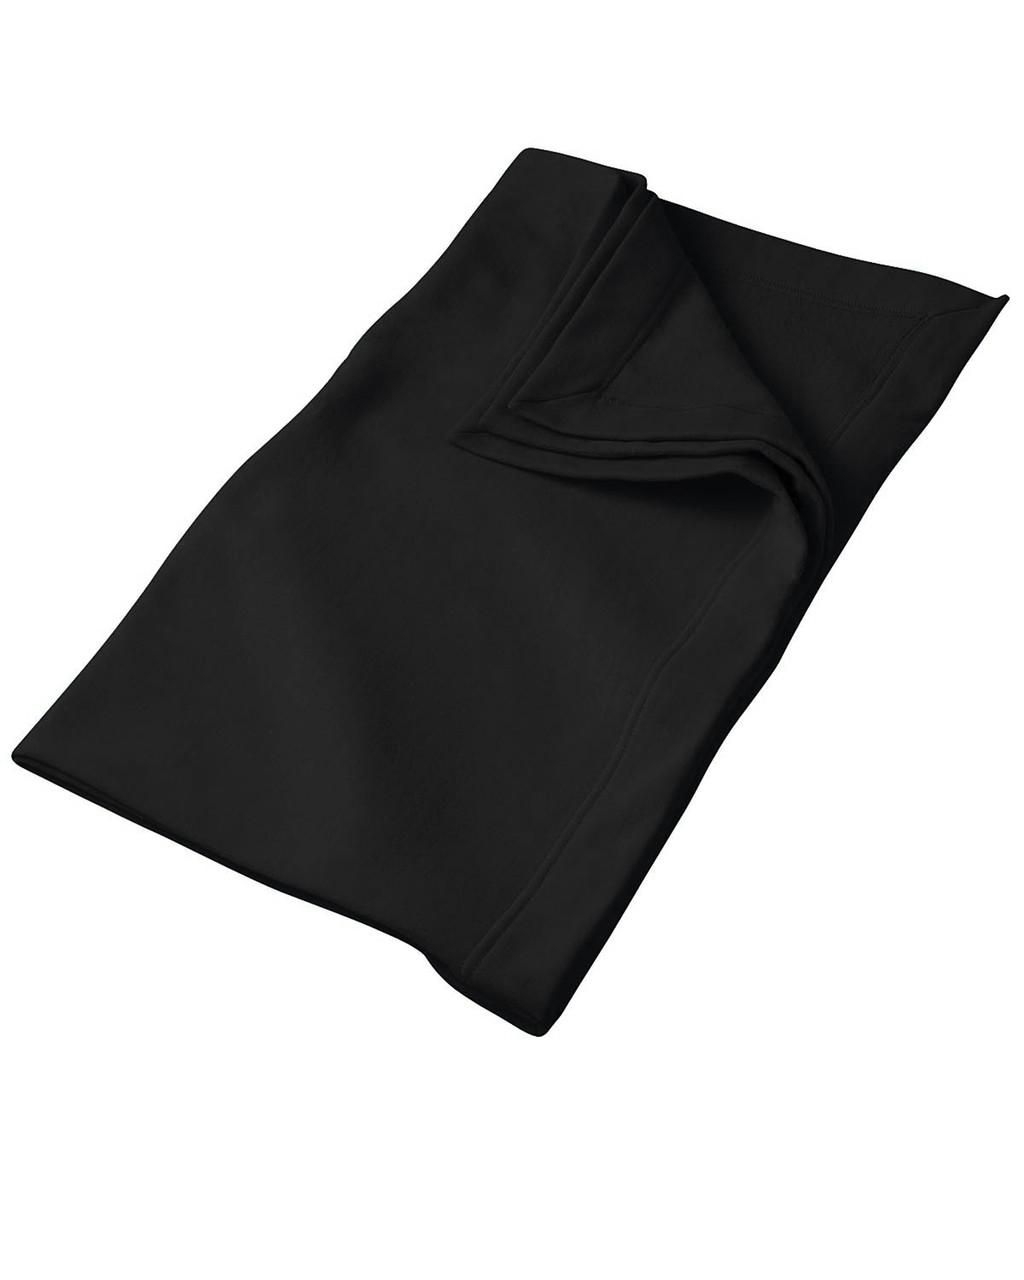 Gildan New Dry Blend Mitered V Corners 50//50 Stadium Fleece Blanket G129